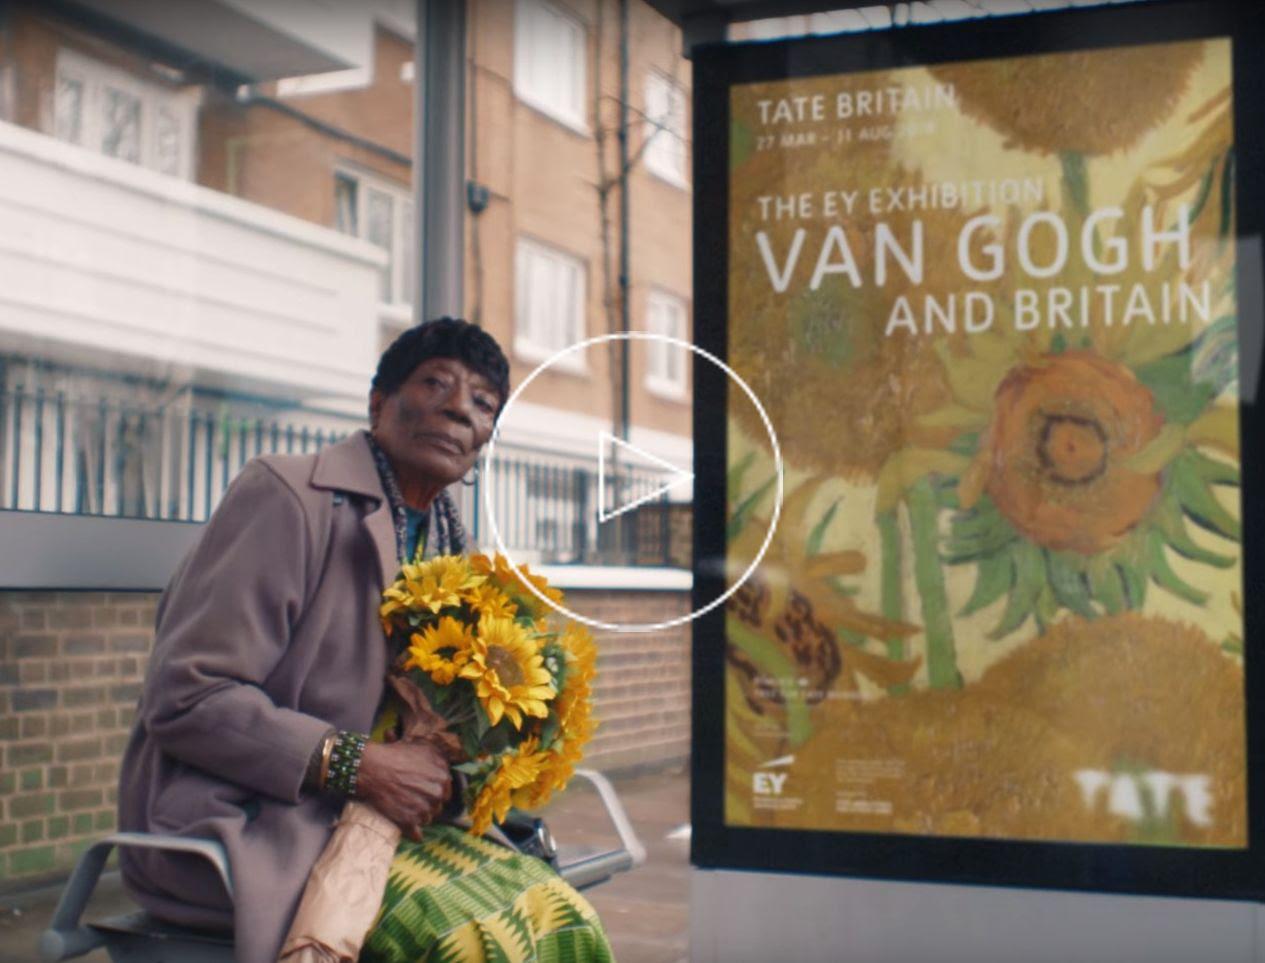 Van Gogh trailer still